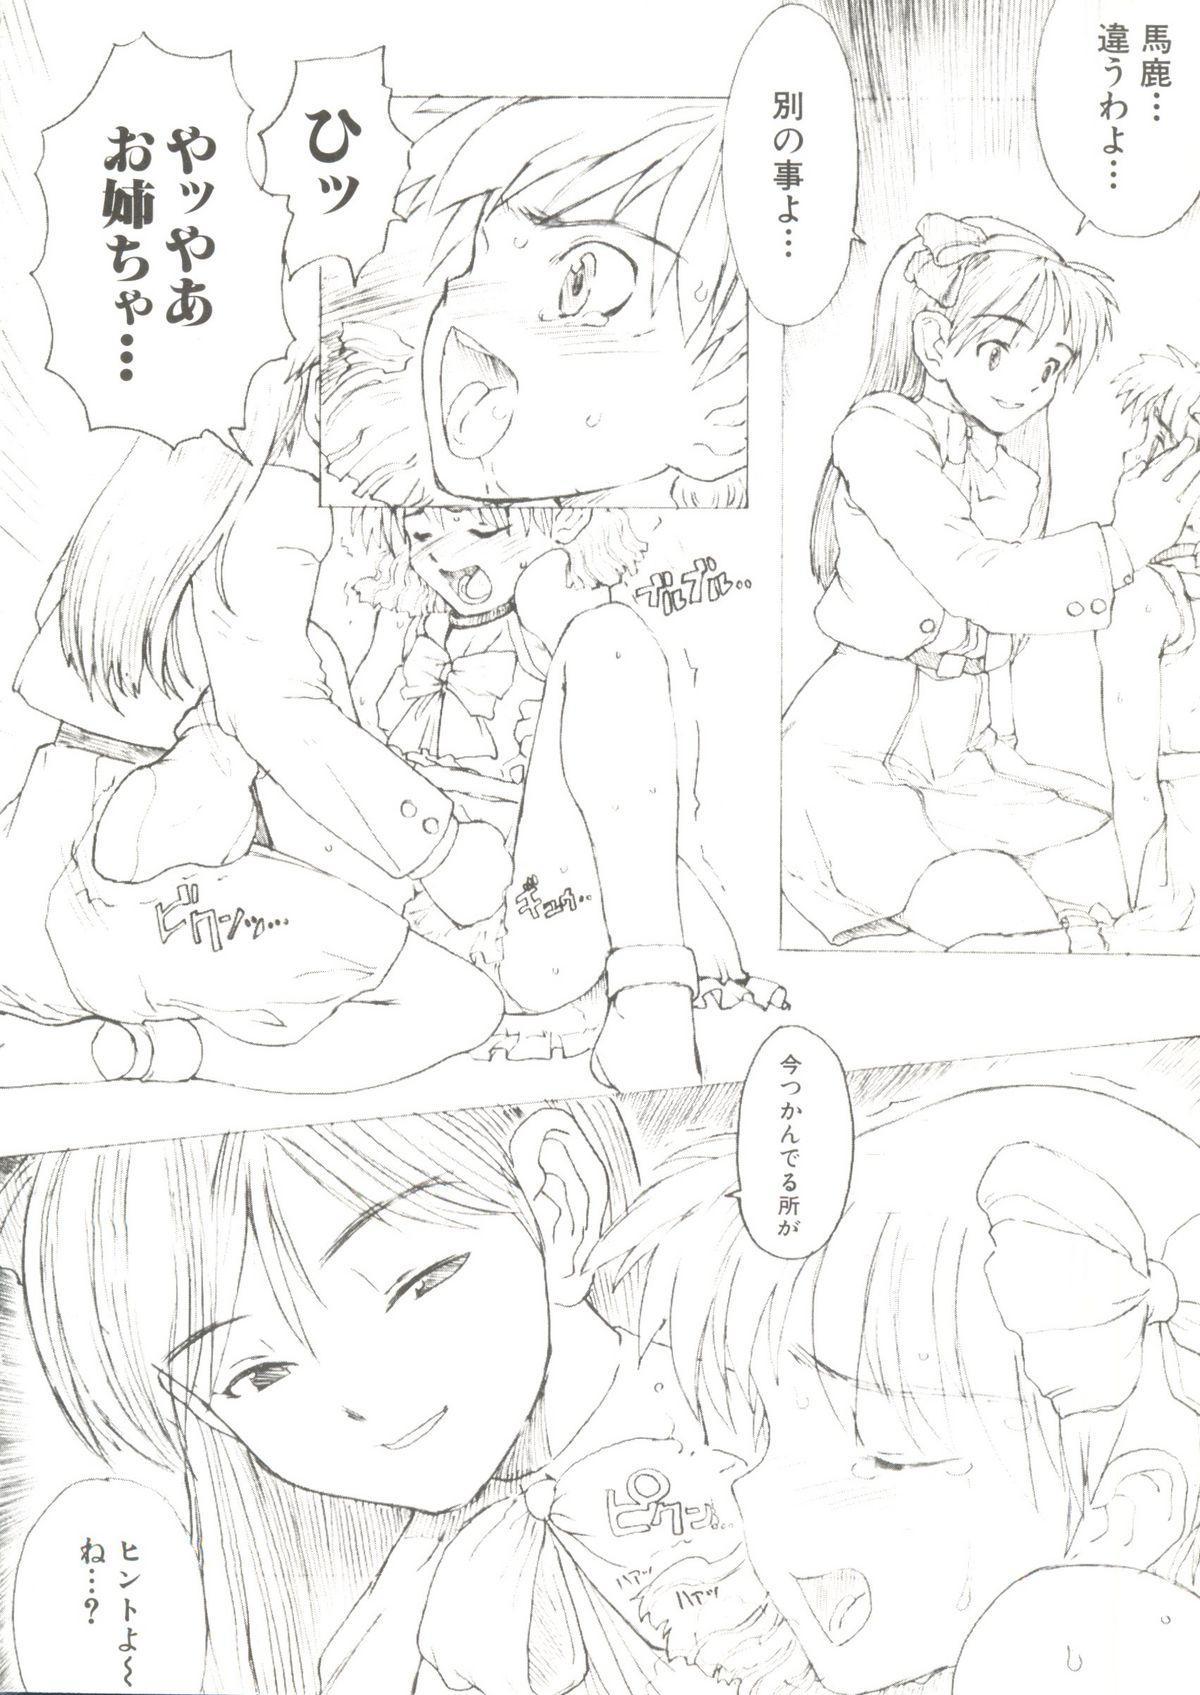 Denei Tamate Bako Bishoujo Doujinshi Anthology Vol. 2 - Nishinhou no Tenshi 131